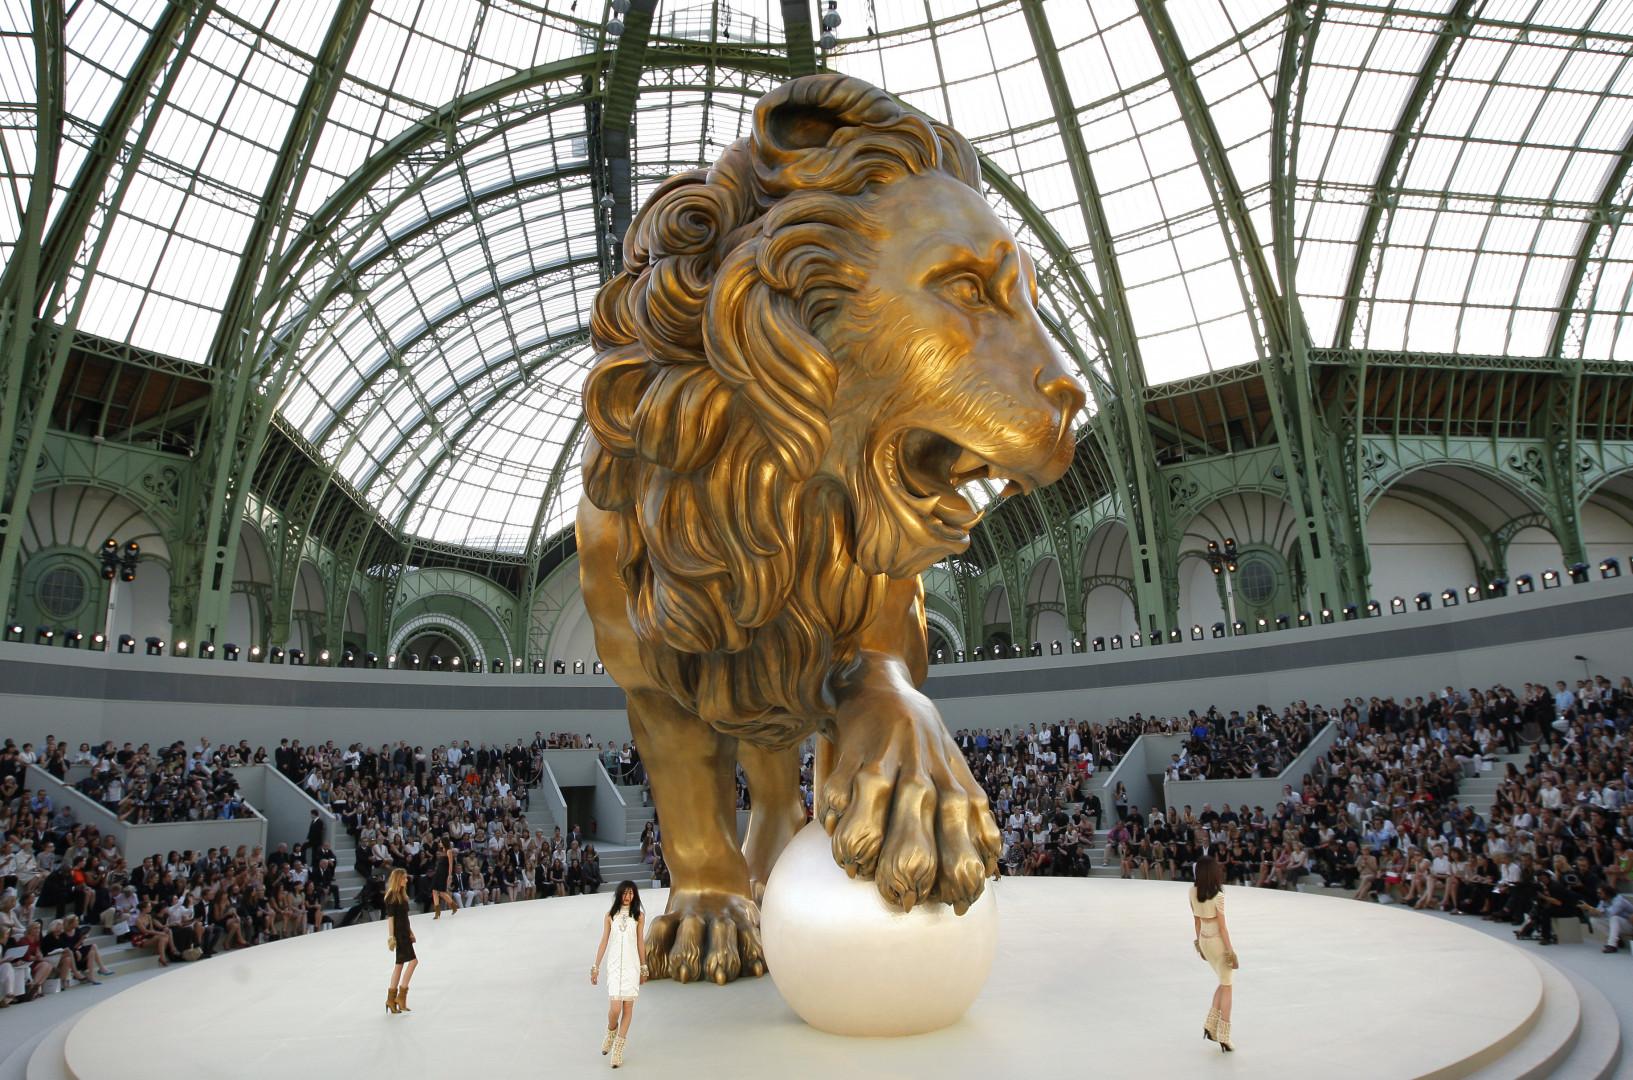 Un lion d'or géant.